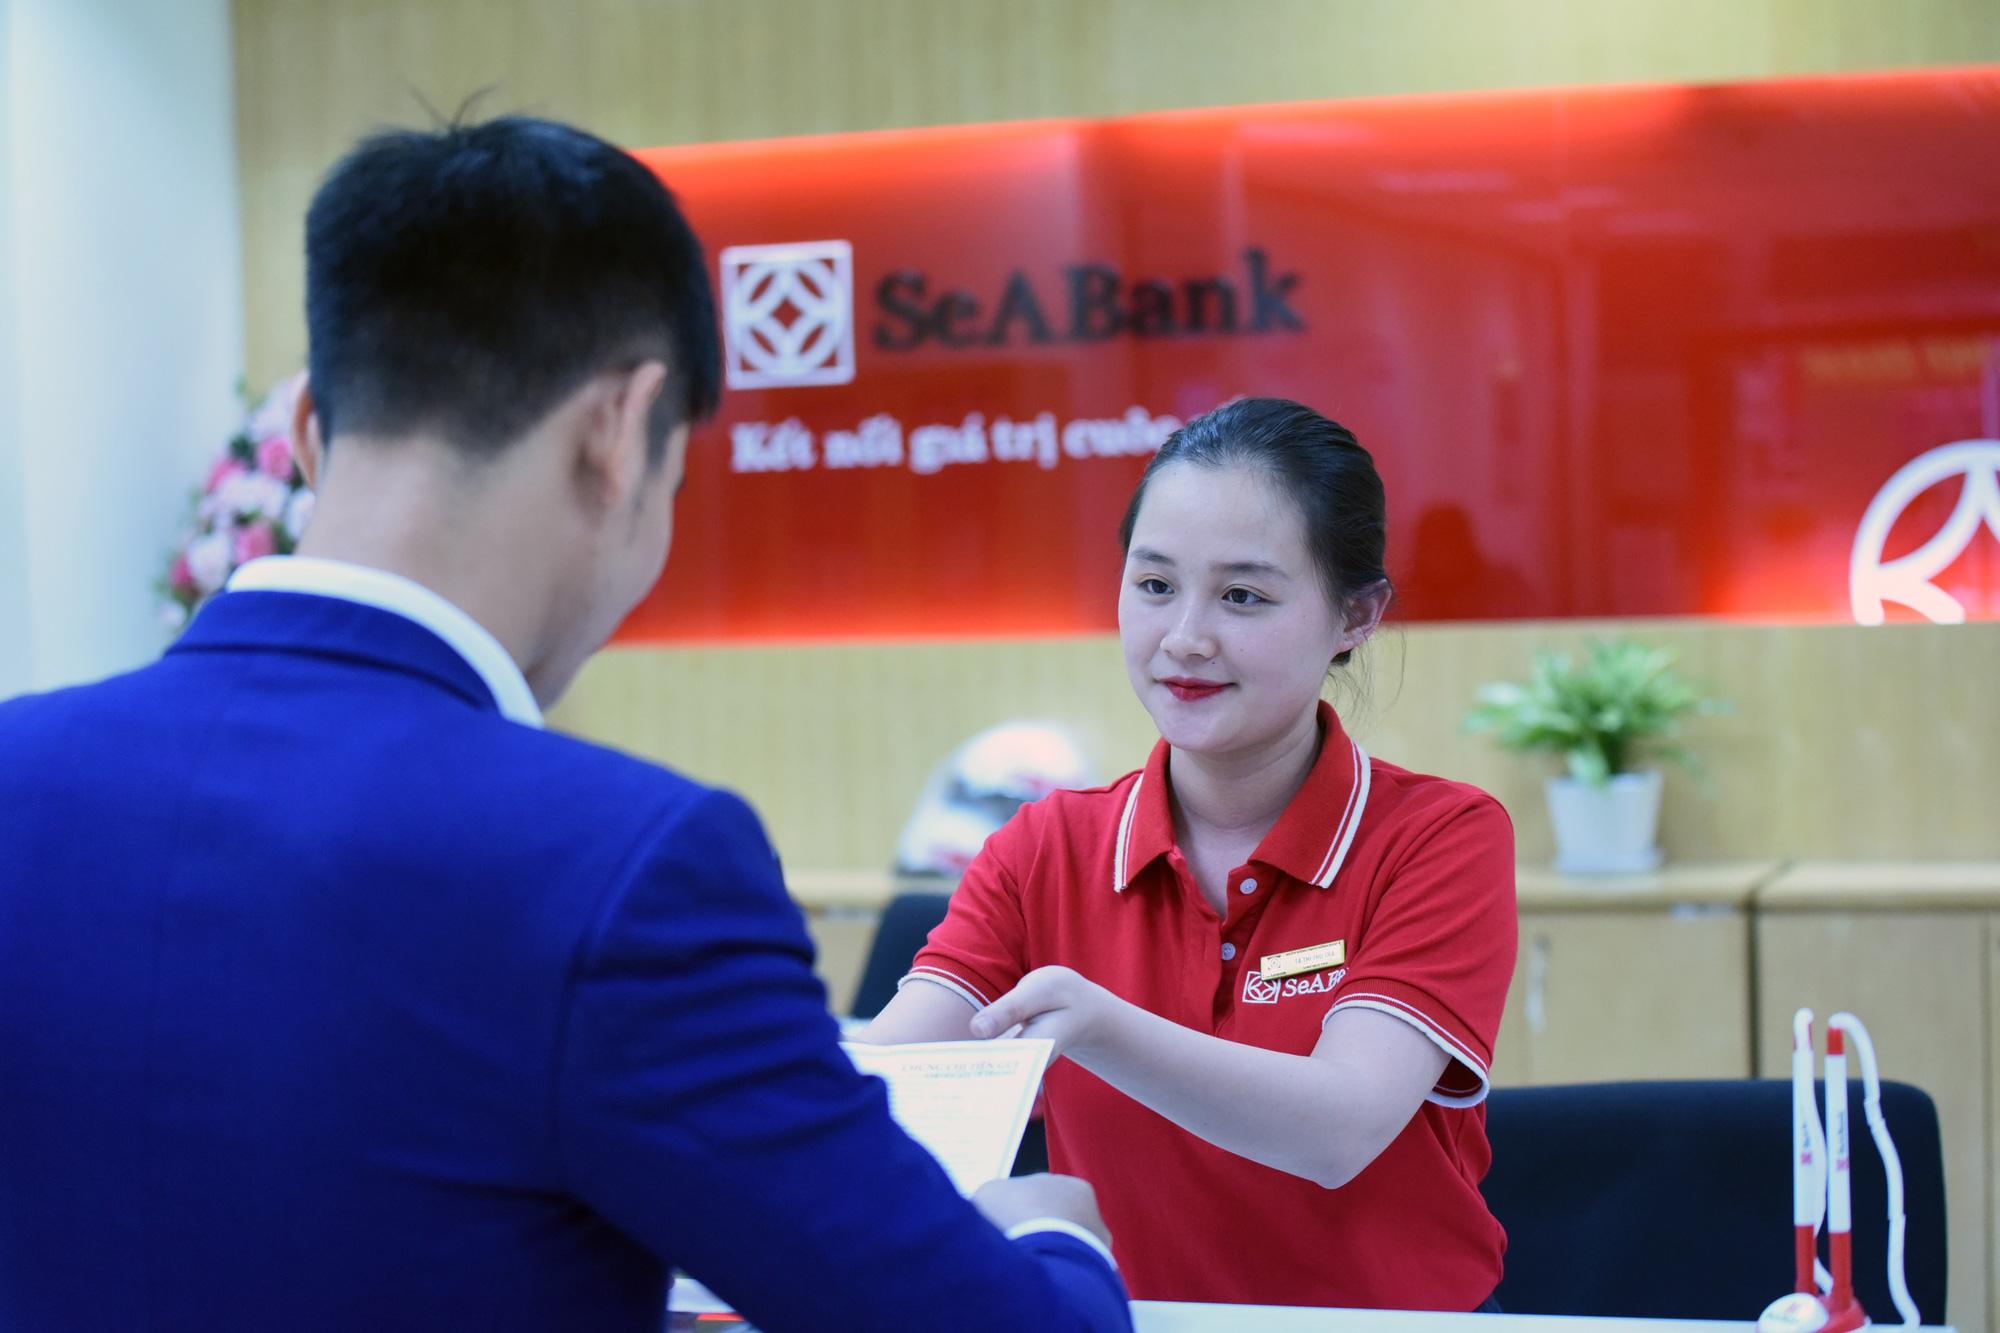 SeABank đặt mục tiêu lợi nhuận trước thuế đạt hơn 2.400 tỷ đồng, tăng vốn điều lệ lên 15.238 tỷ đồng - Ảnh 1.